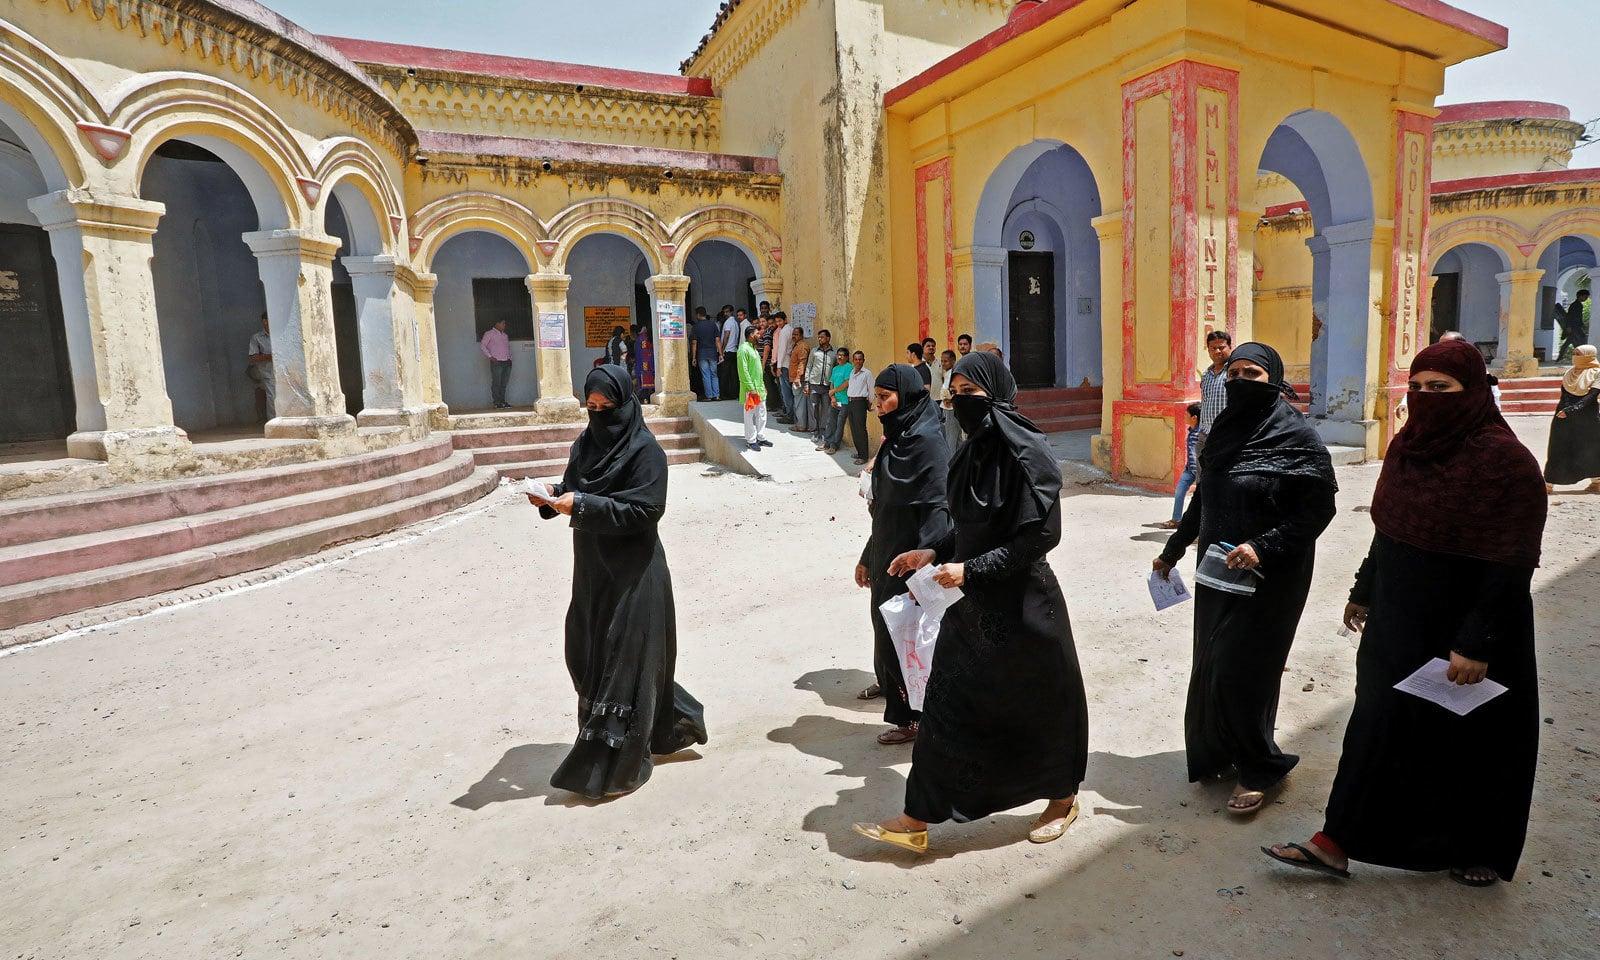 ایودھیا میں مسلمان خواتین نے بھی حق رائے دہی کا استعمال کیا  — فوٹو: رائٹرز